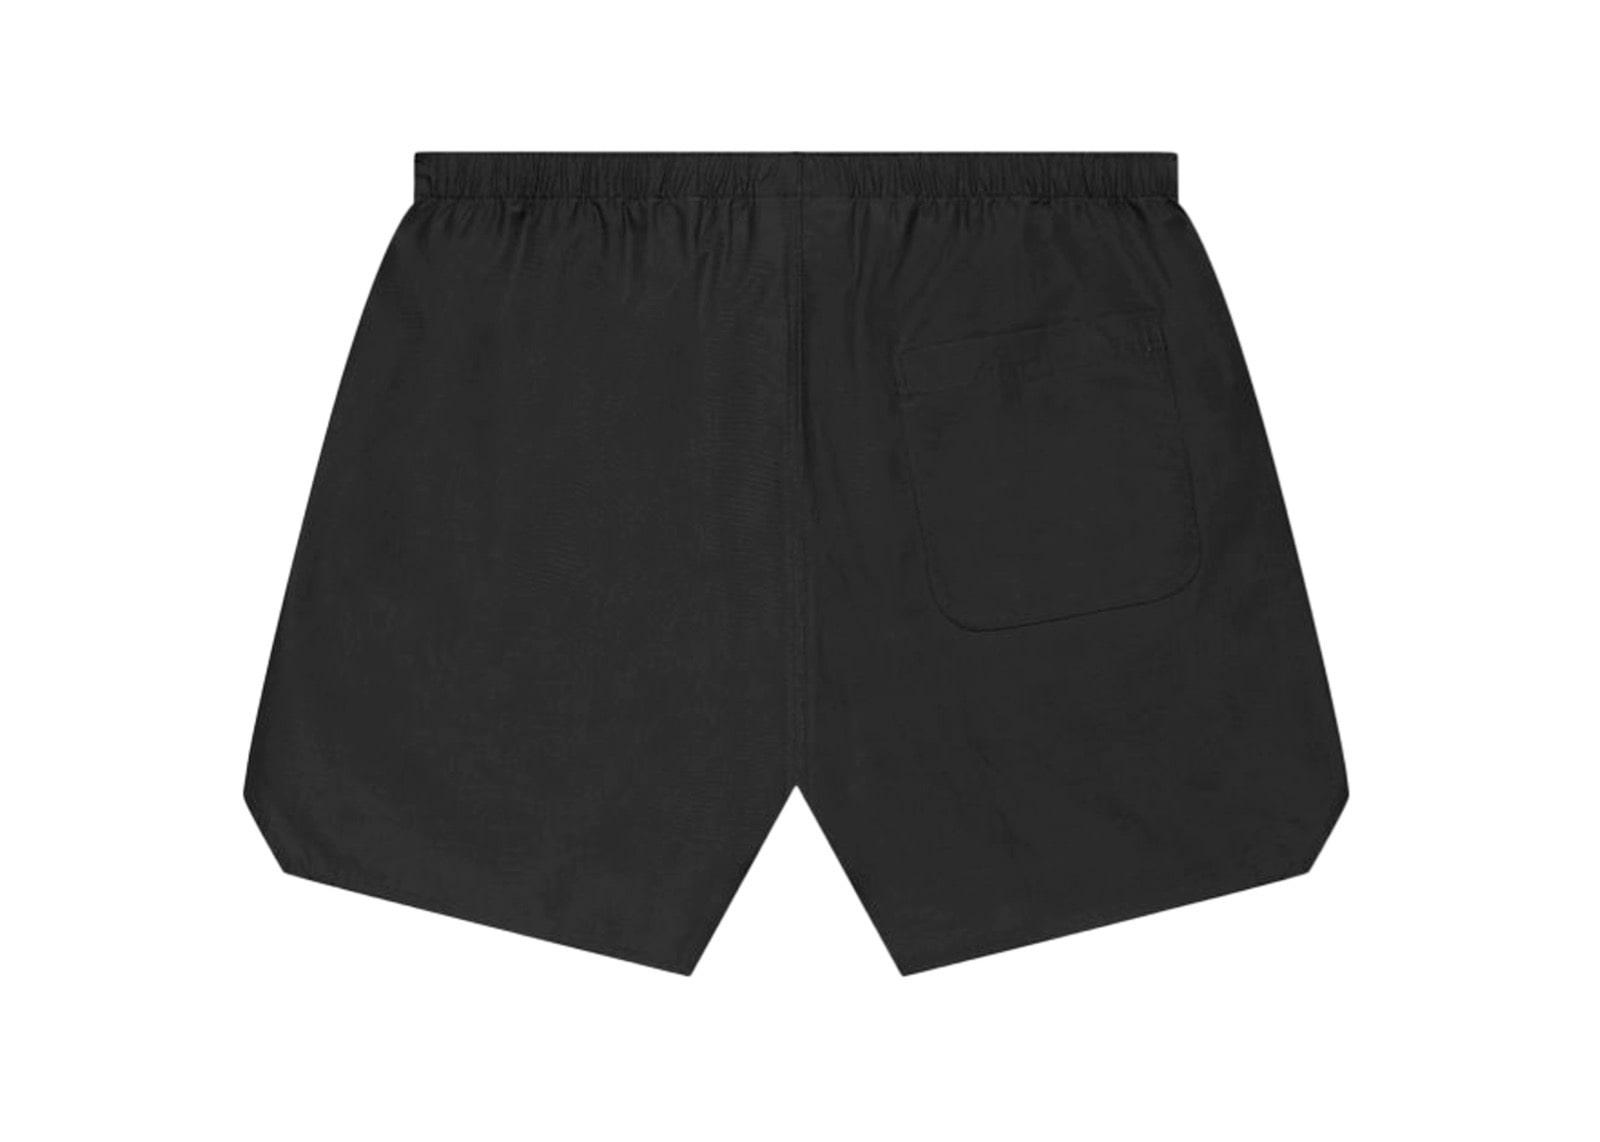 slide 2 - Black Volley Shorts